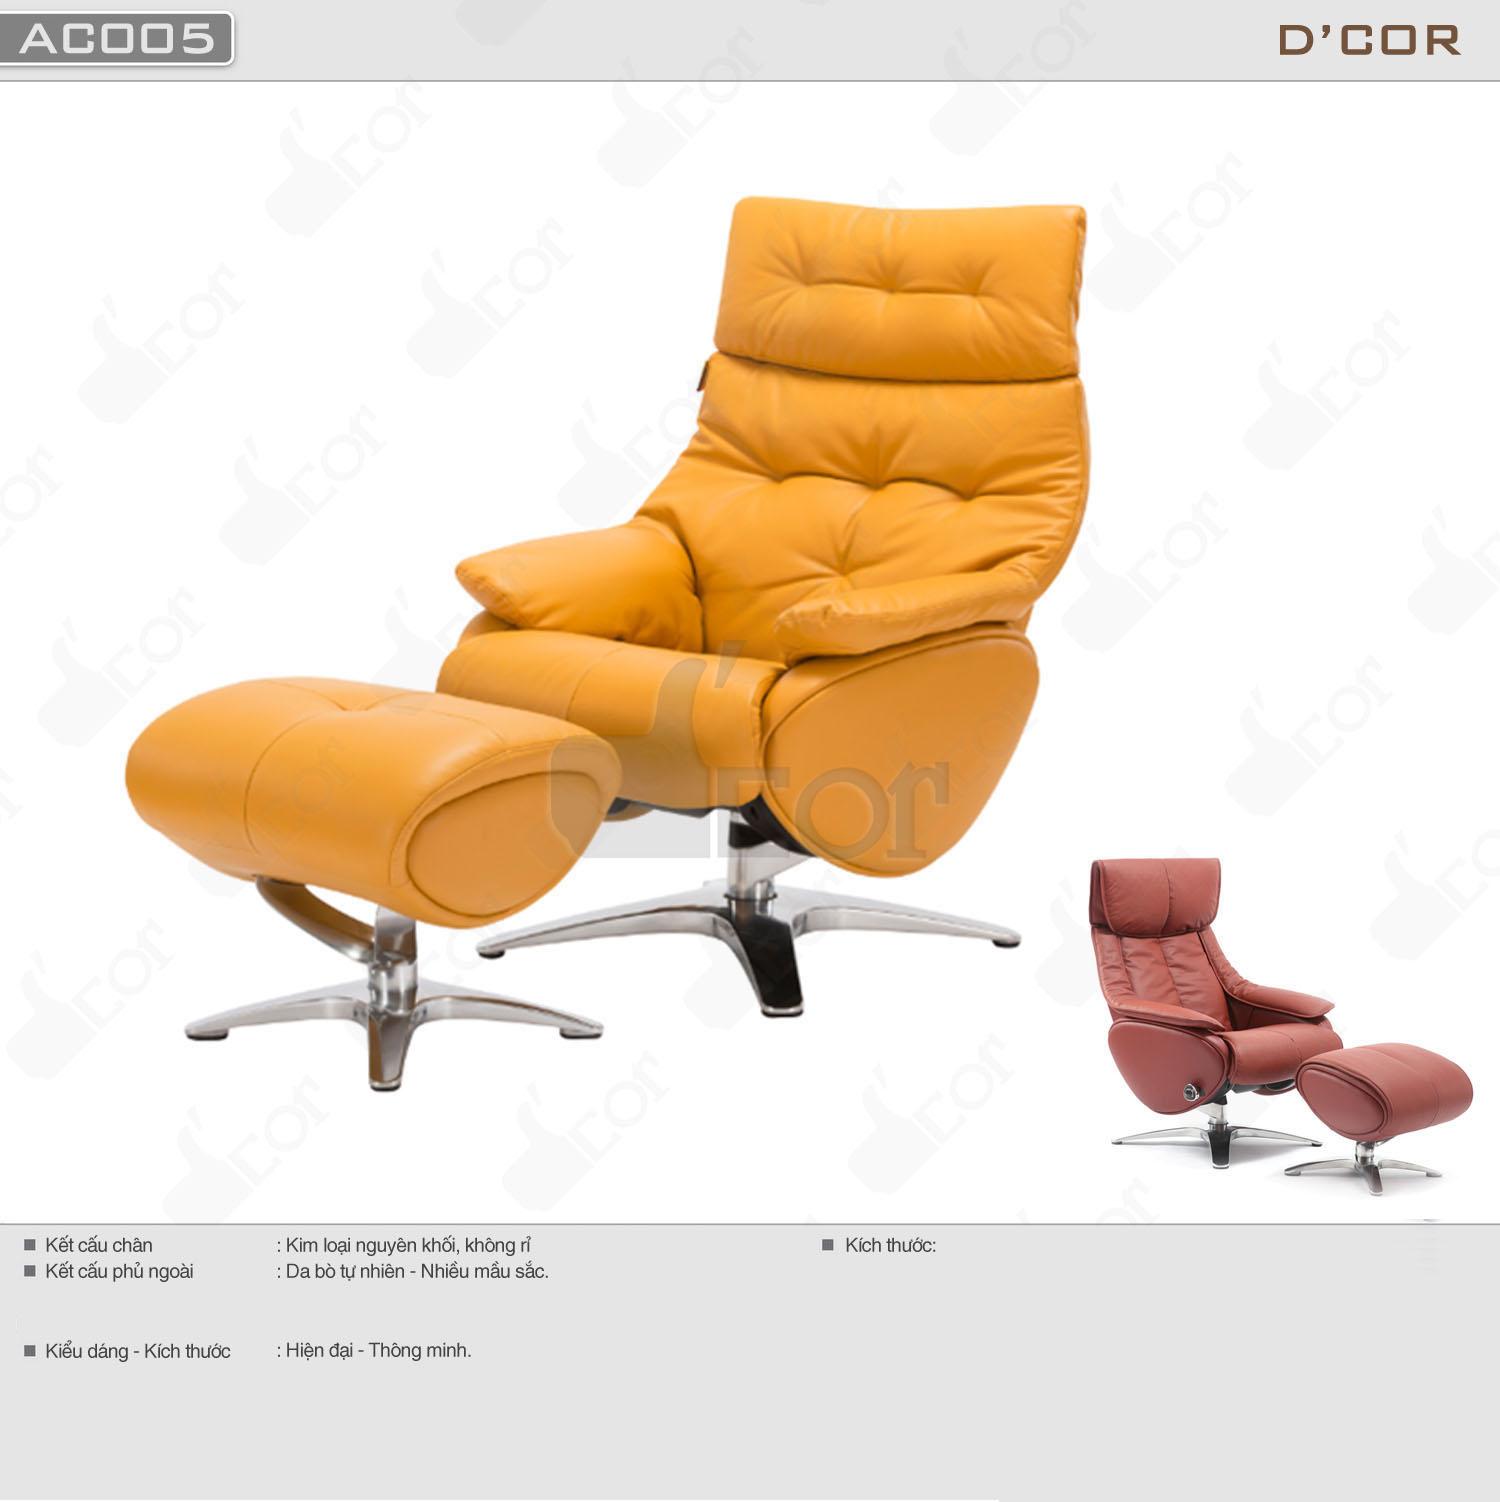 Mẫu ghế armchair thư giãn tuyệt đối cho phòng khách tươi trẻ: AC005